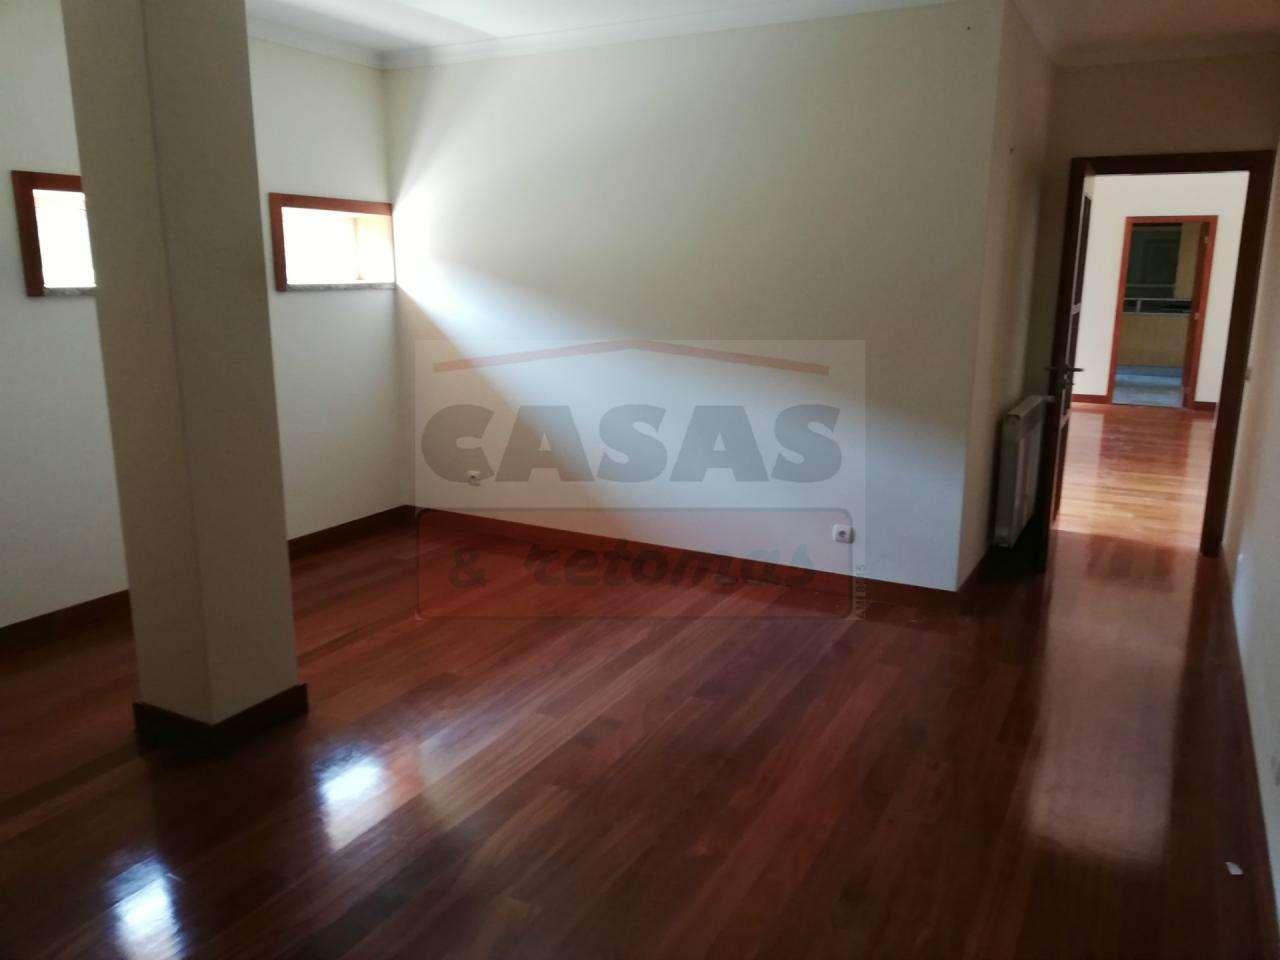 Quintas e herdades para comprar, Sande Vila Nova e Sande São Clemente, Guimarães, Braga - Foto 6